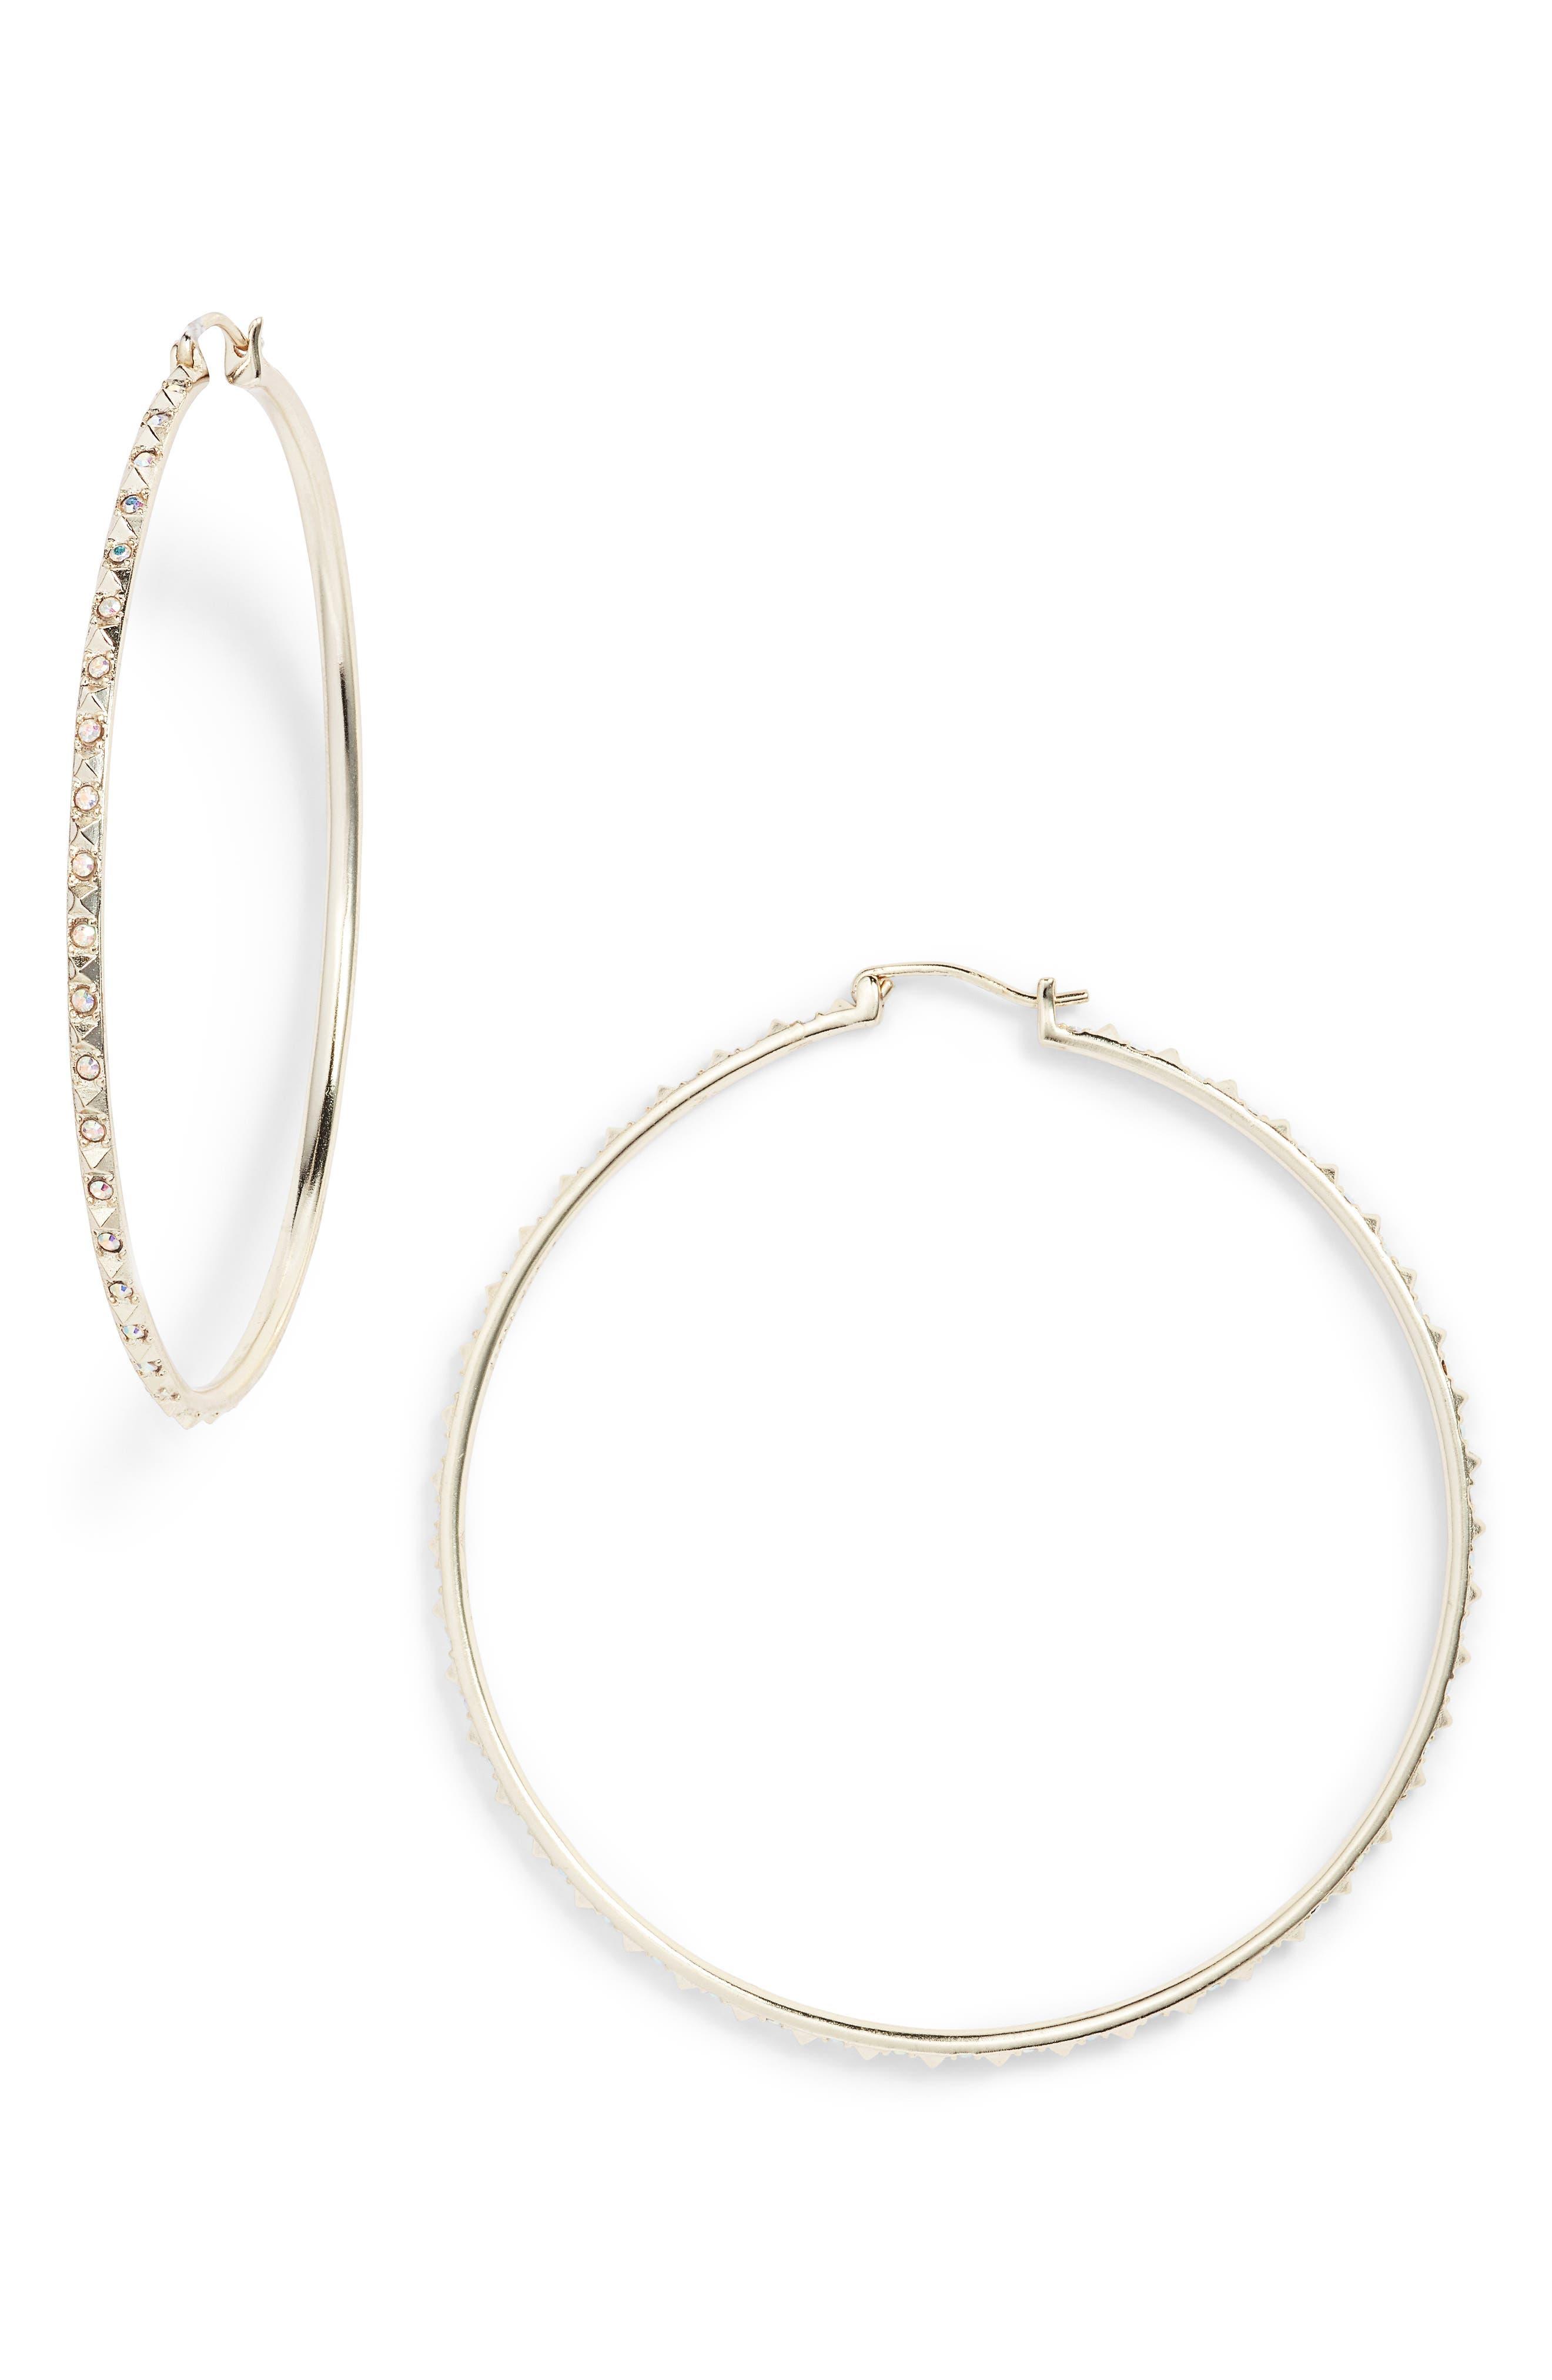 Kendra Scott Annemarie Crystal Studded Hoop Earrings